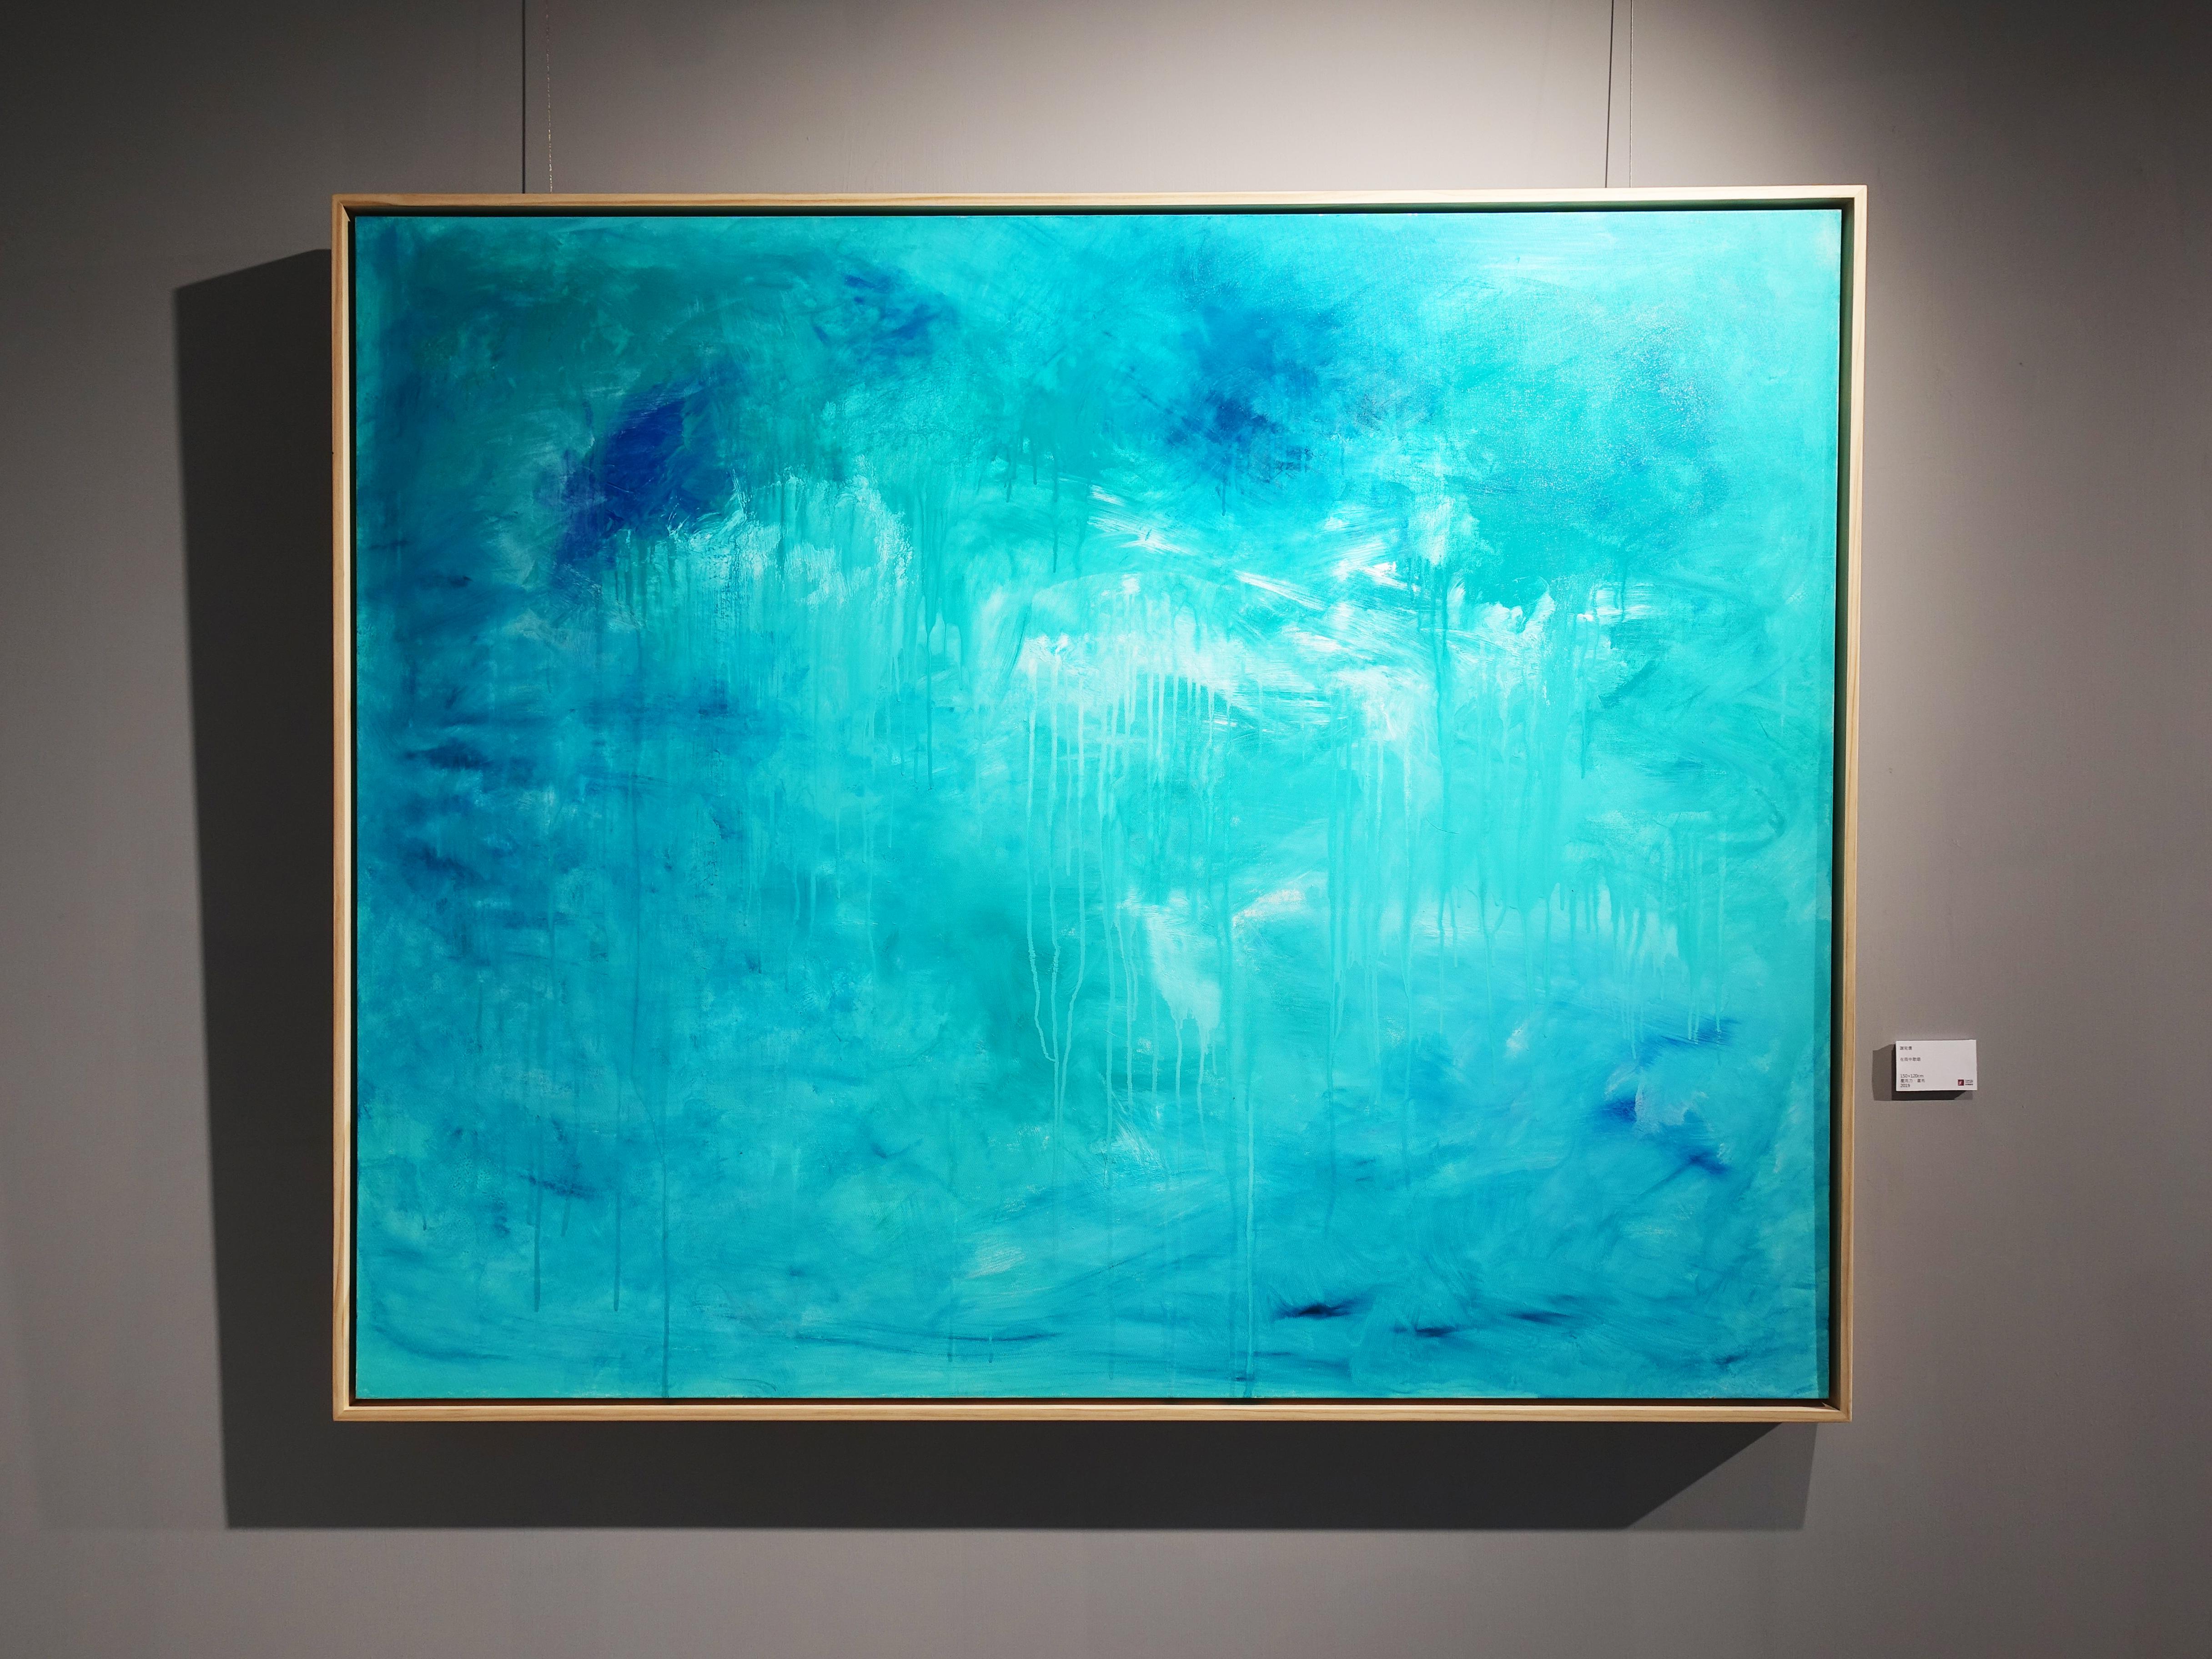 謝宛儒,《Show White》,130 x 194 cm,油彩、畫布,2020。